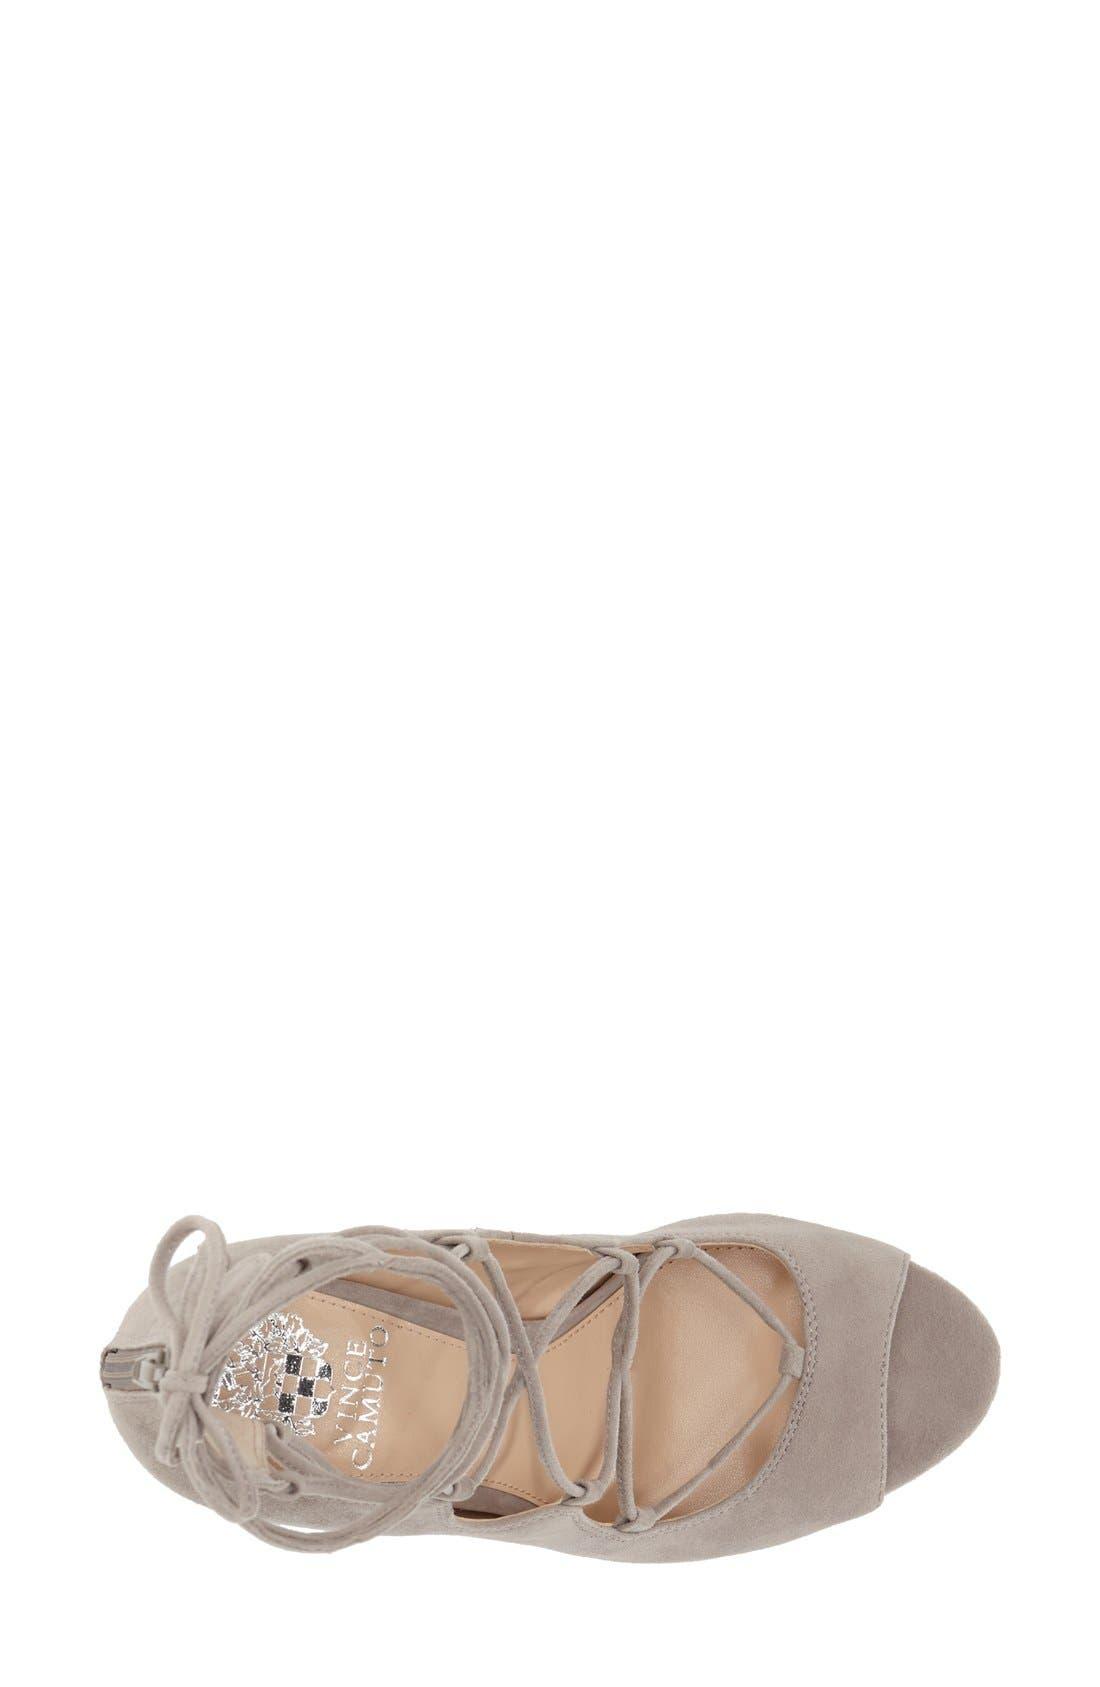 'Sandria' Peep Toe Ghillie Sandal,                             Alternate thumbnail 33, color,